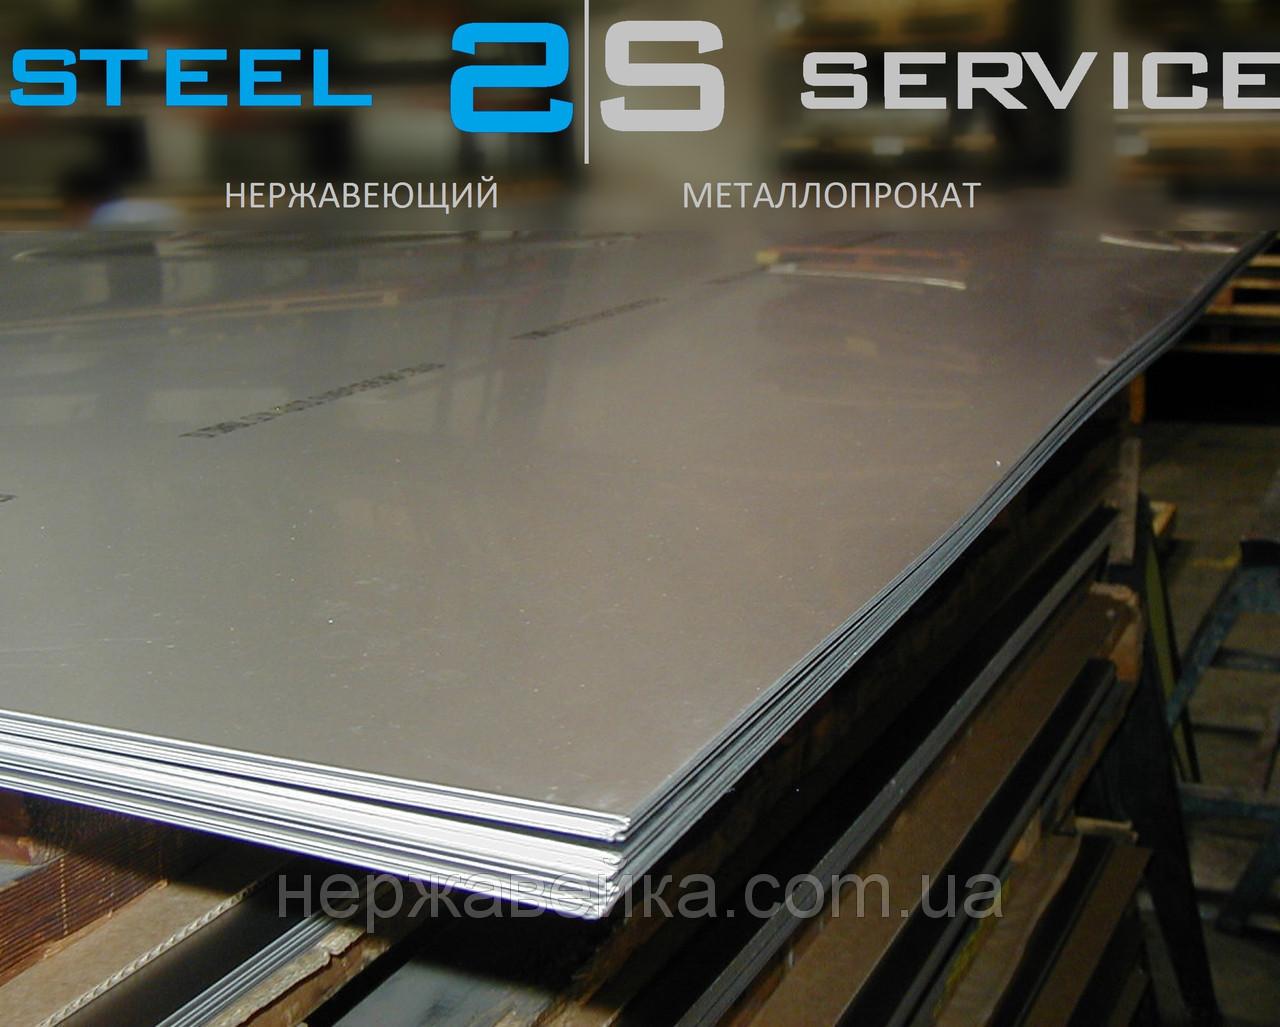 Нержавейка лист 12х1250х2500мм  AISI 304(08Х18Н10) F1 - горячекатанный,  пищевой